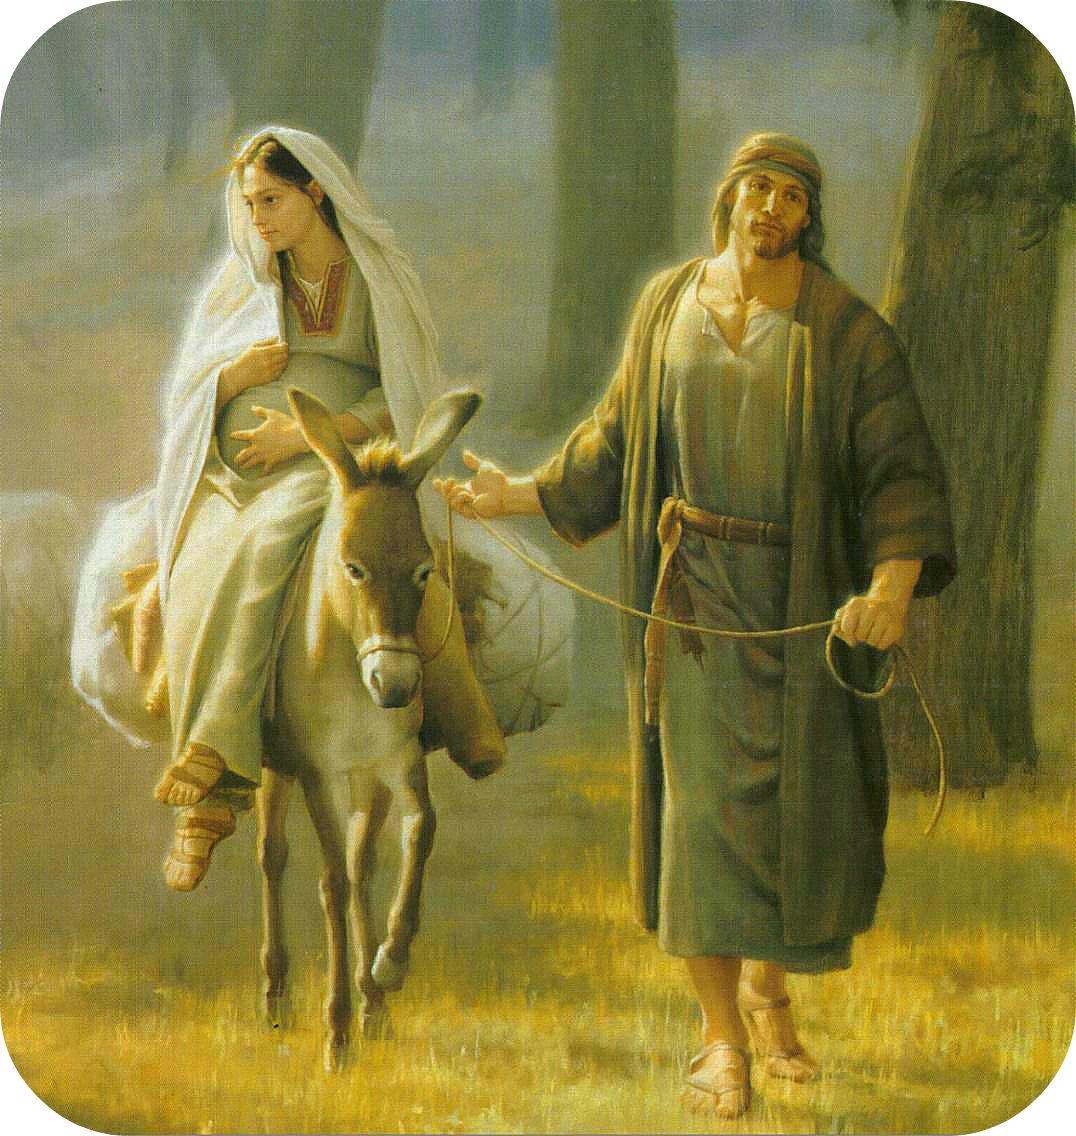 заключенных иосиф отец иисуса картинки участок вошёл